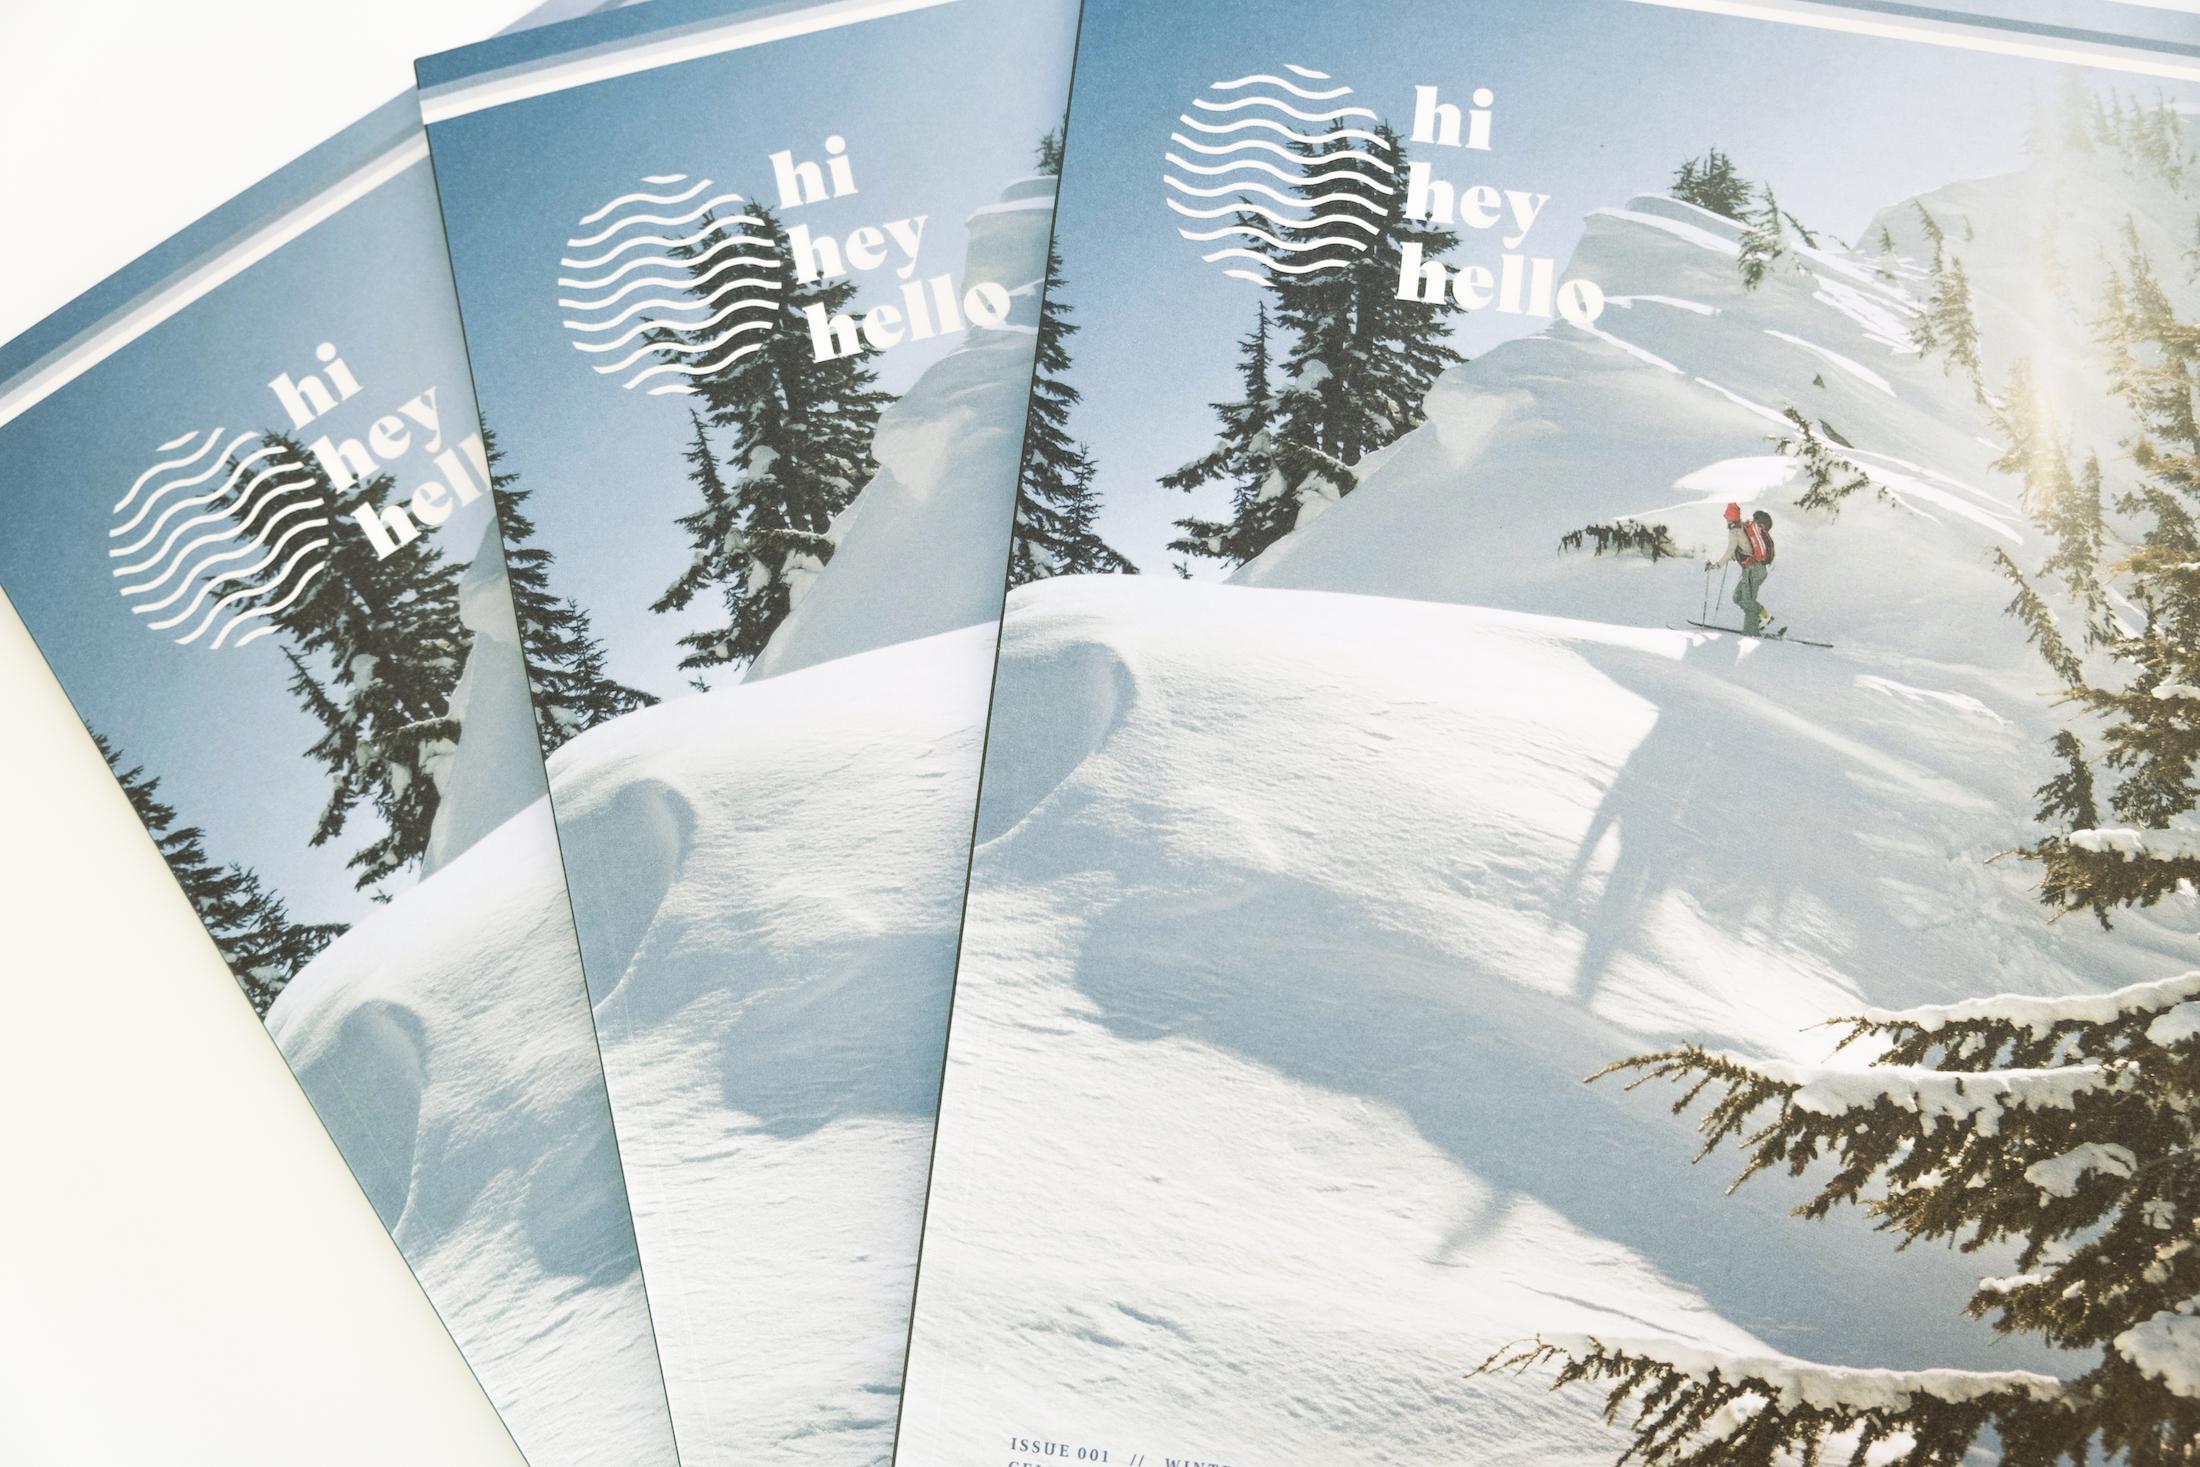 HiHeyHello Magazine covers